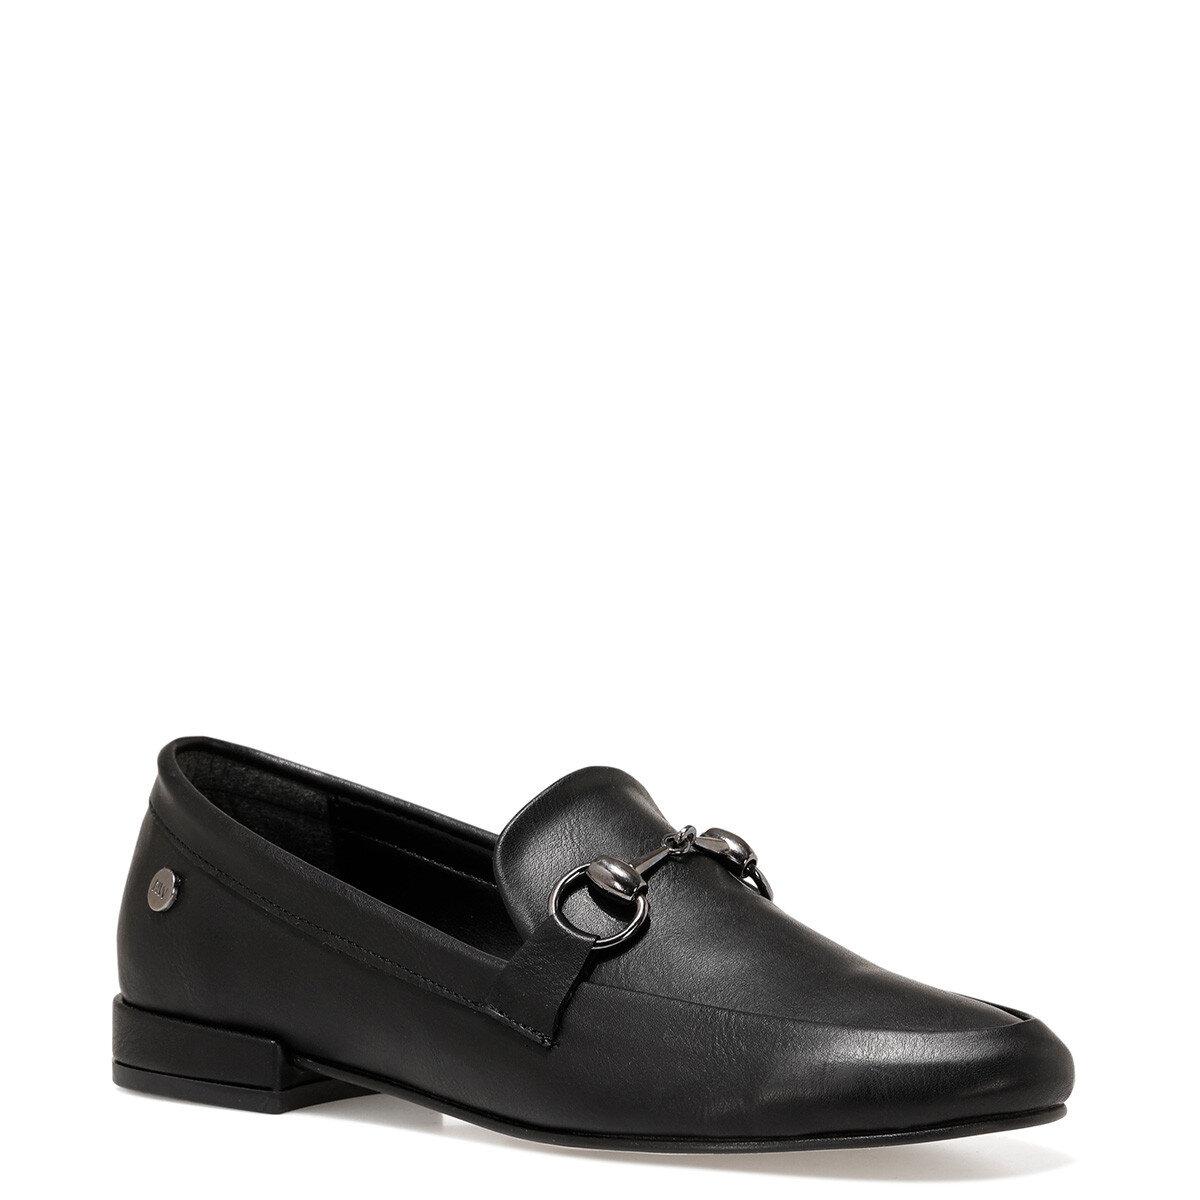 SUELA2 Siyah Kadın Loafer Ayakkabı